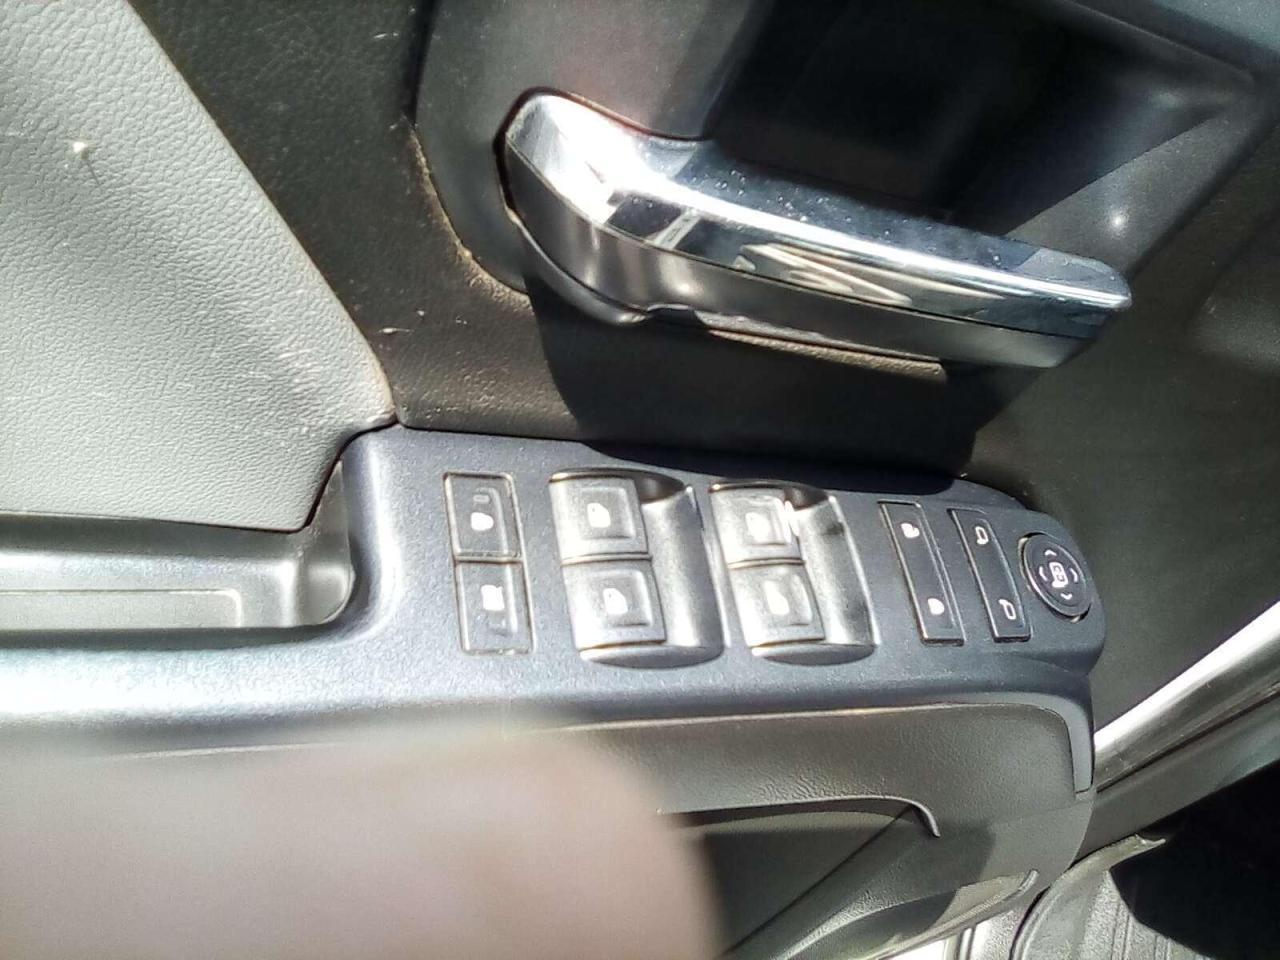 2016 Chevrolet Silverado 1500 LS Crew Cab Short Box 4WD